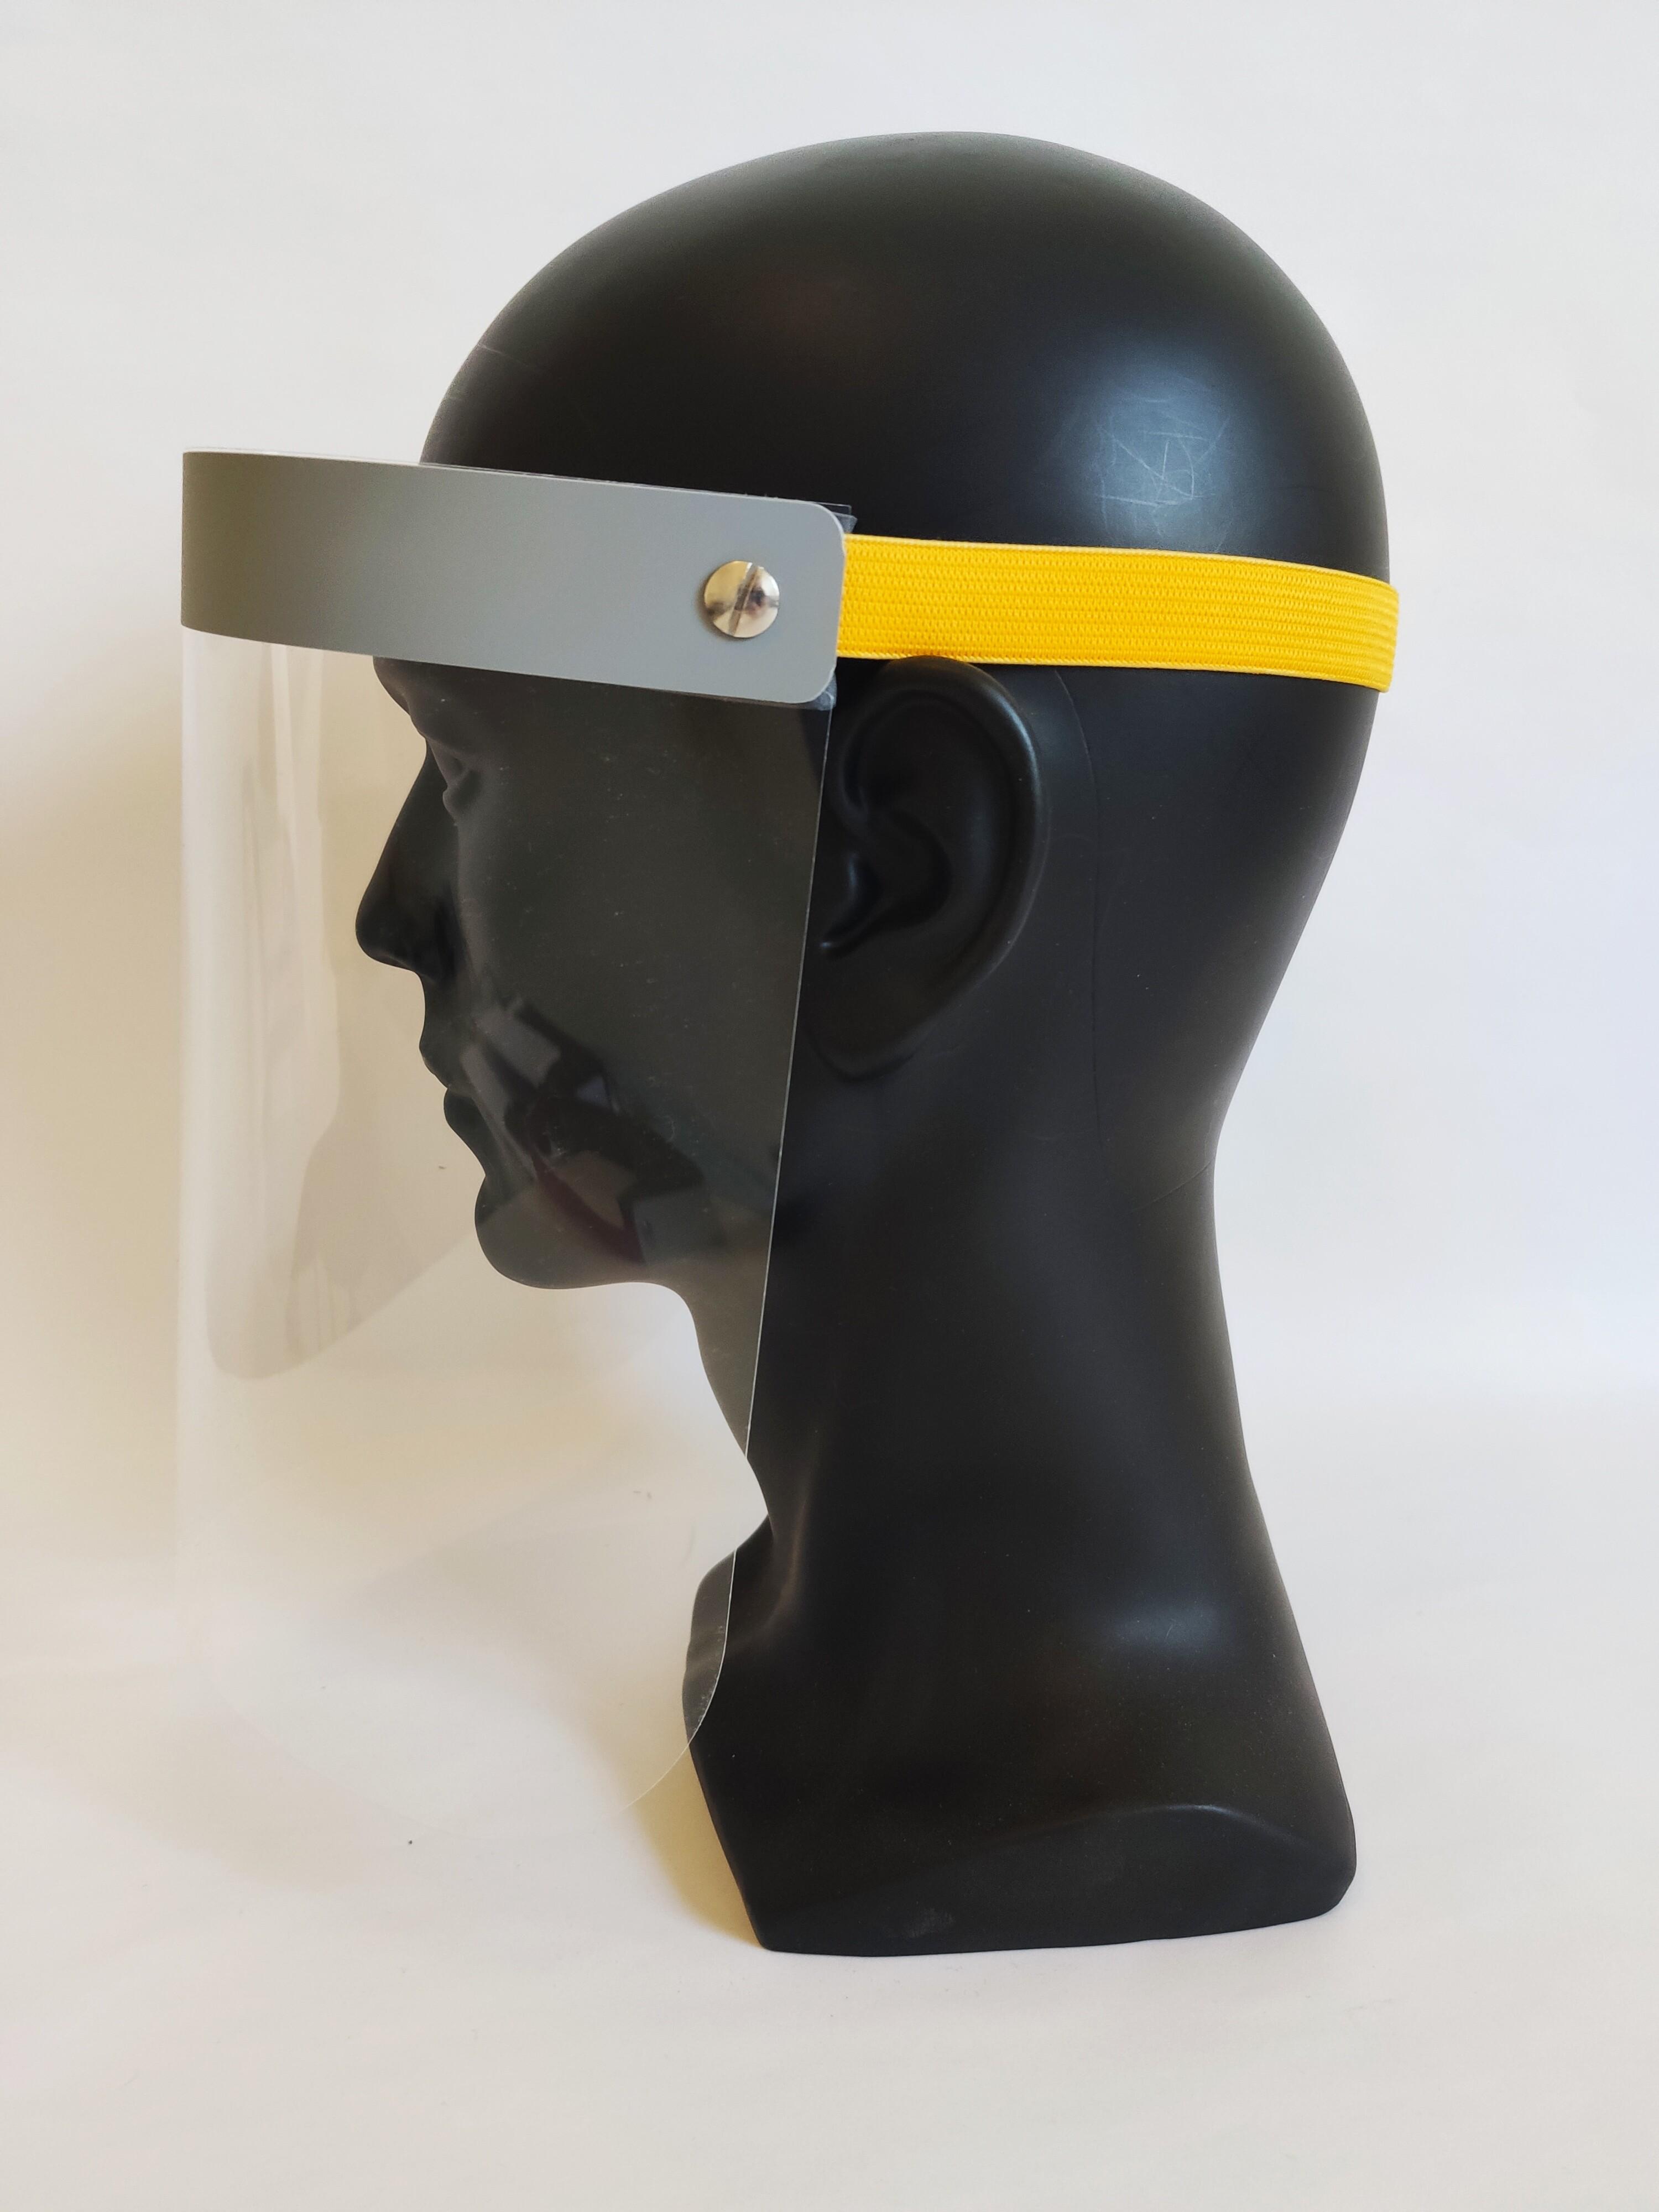 Gesichtsvisier zur Erfüllung von Hygienevorgaben. Corona Faceshield: Decklage lichtgrau mit gelbem Gummiband.